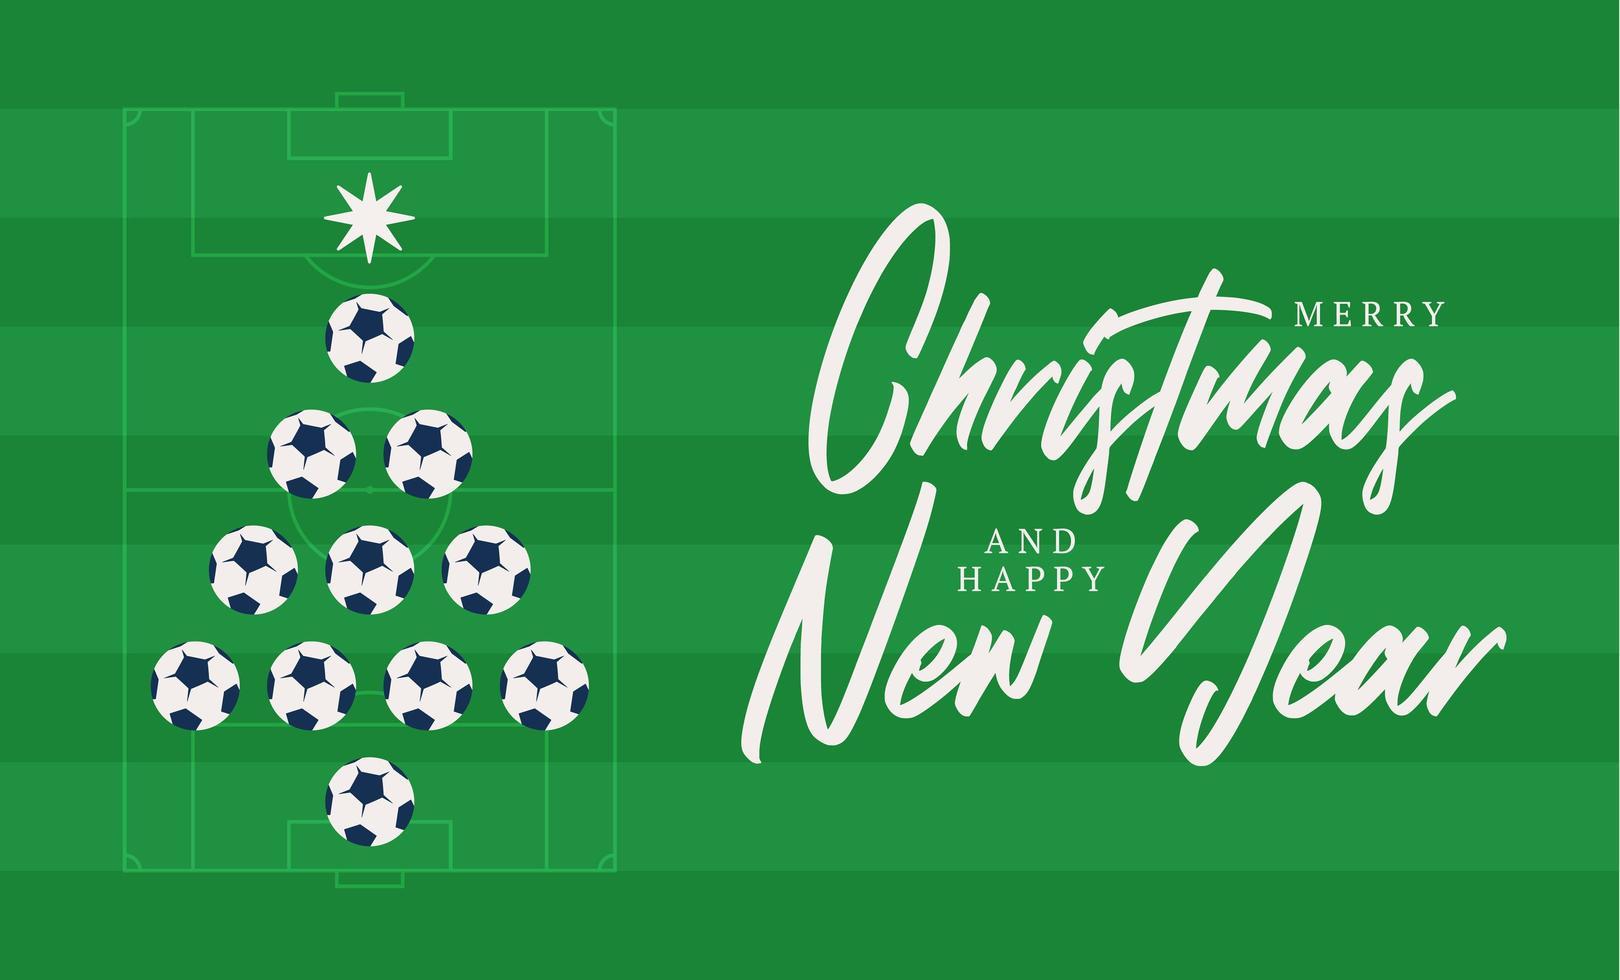 Natal e ano novo cartão plana dos desenhos animados. árvore de Natal criativa feita por bola de futebol de futebol no fundo do campo de futebol para a celebração do Natal e ano novo. cartão do esporte vetor